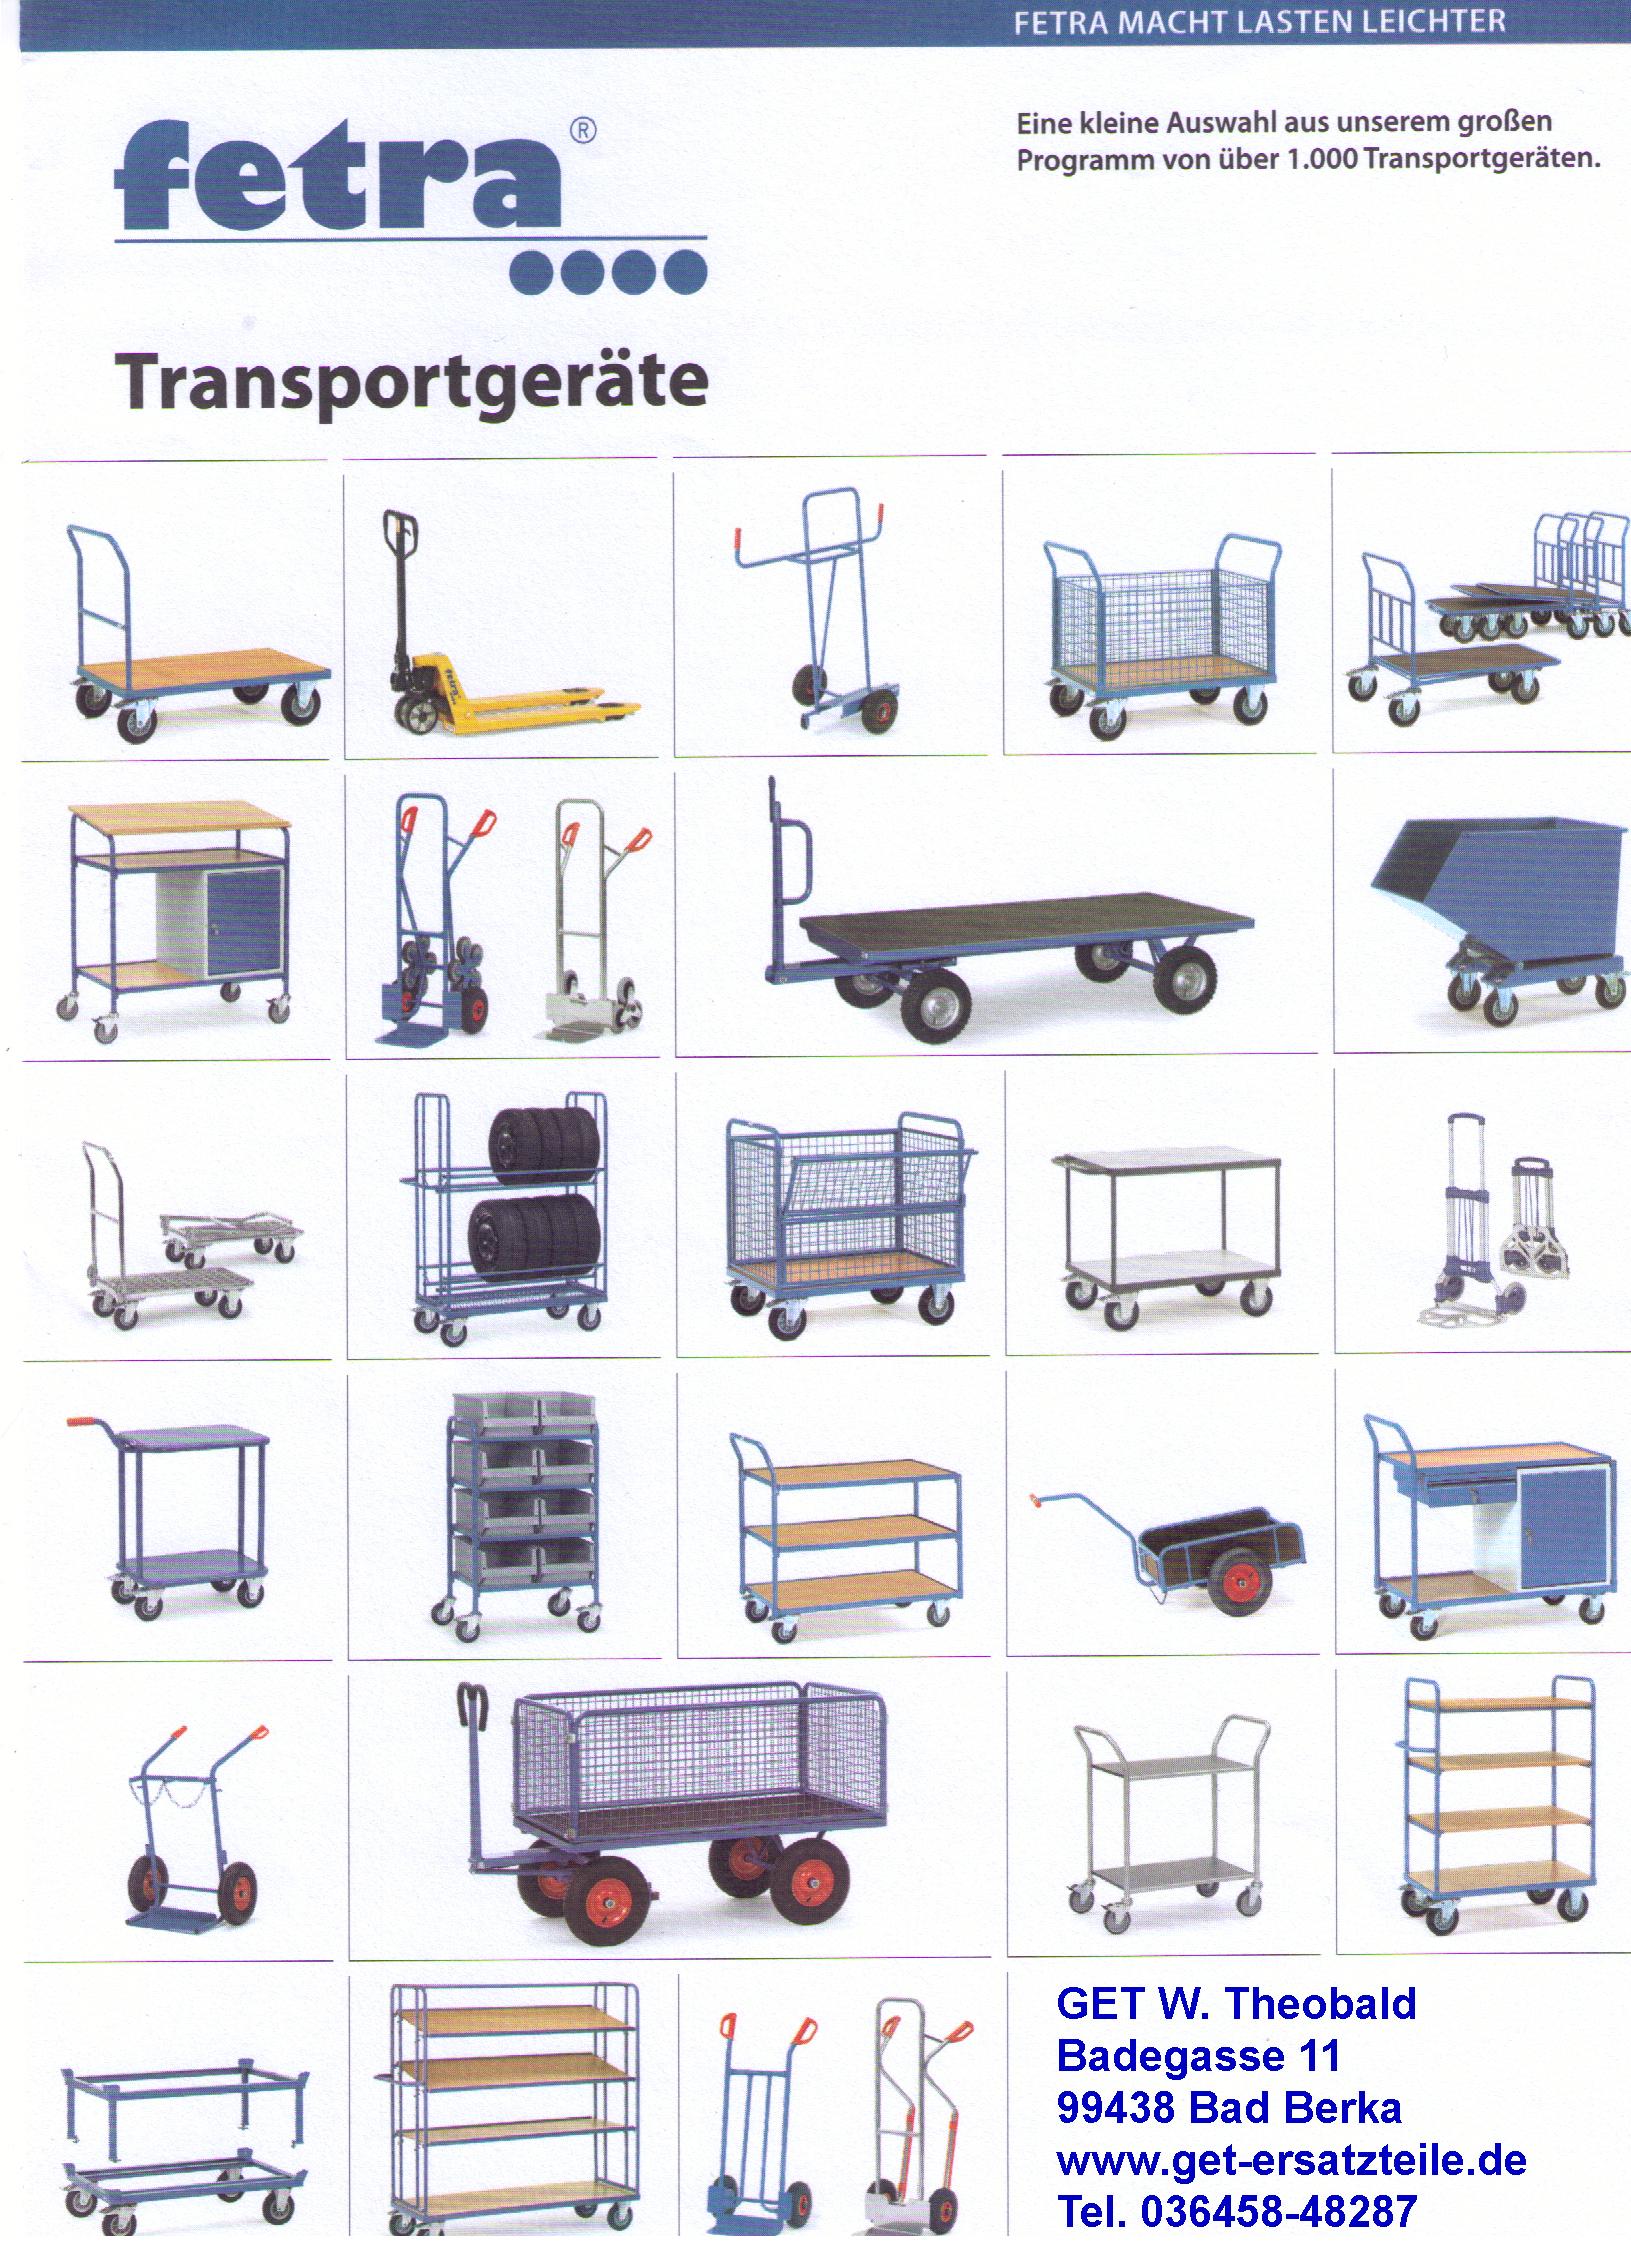 get-onlineshop.de, Stuhlkarre, Magazinwagen, Tischwagen, Etagenwagen, Servierwagen